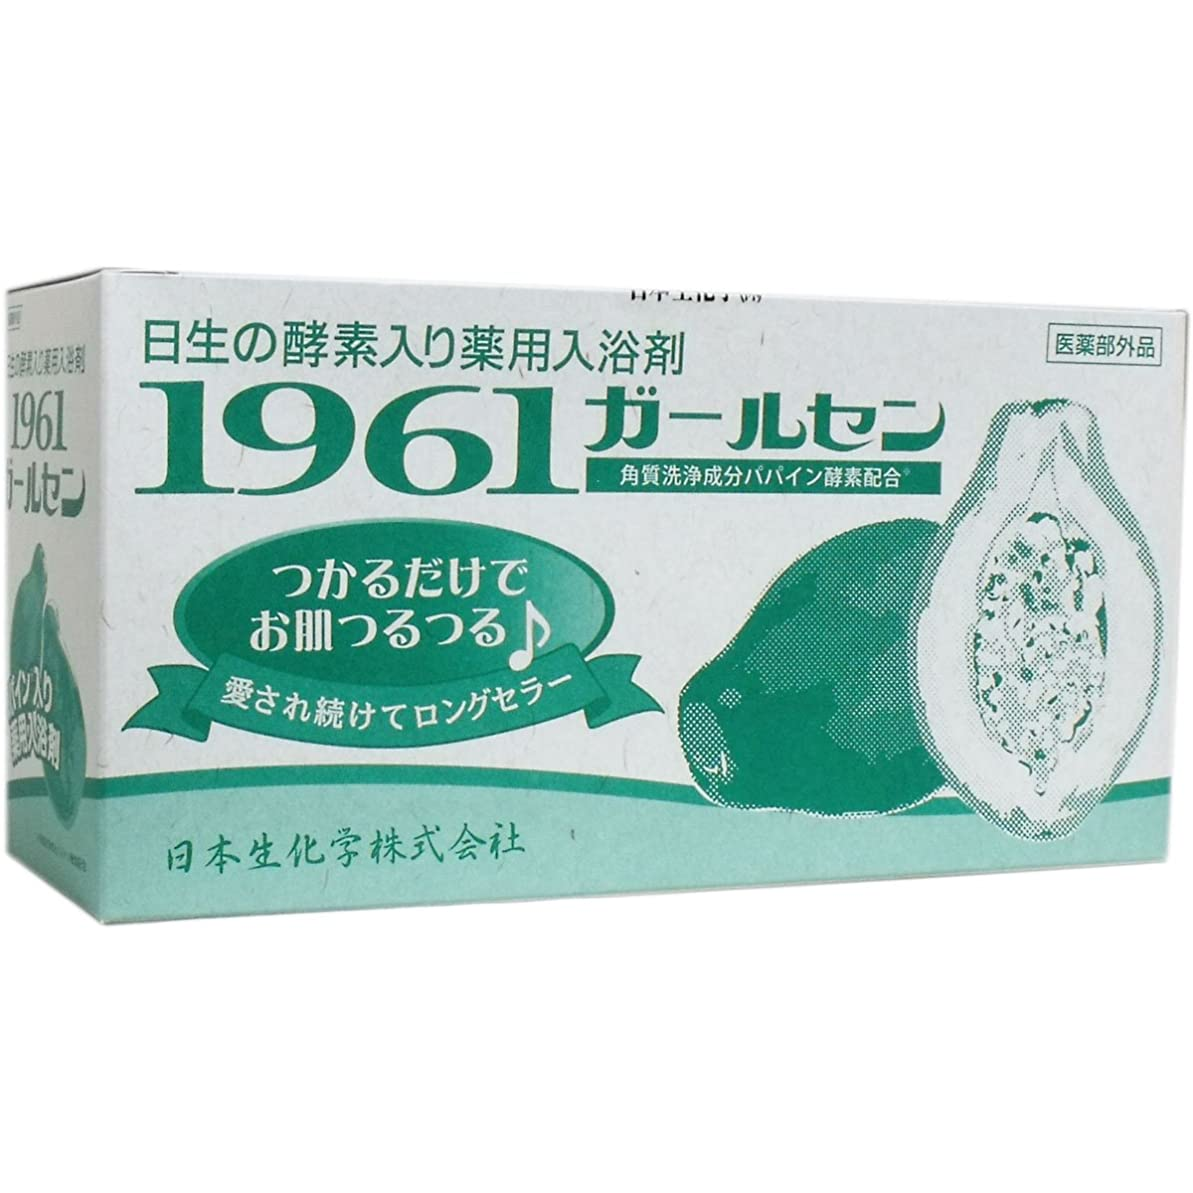 ロバ被害者特定のパパイン酵素配合 薬用入浴剤 1961ガールセン 30包 [並行輸入品]